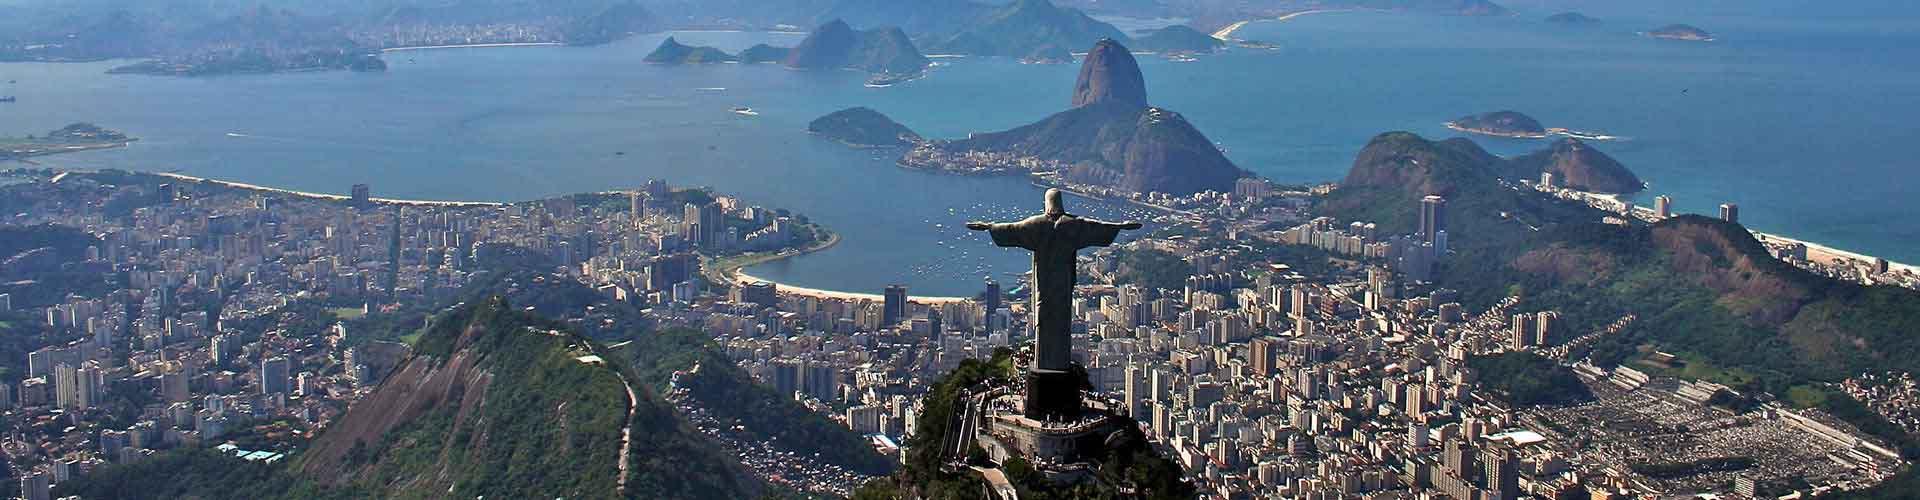 Rio de Janeiro – Albergues próximos de Aeroporto Santos Dumont. Mapas para Rio de Janeiro, Fotos e Avaliações para cada Albergue em Rio de Janeiro.